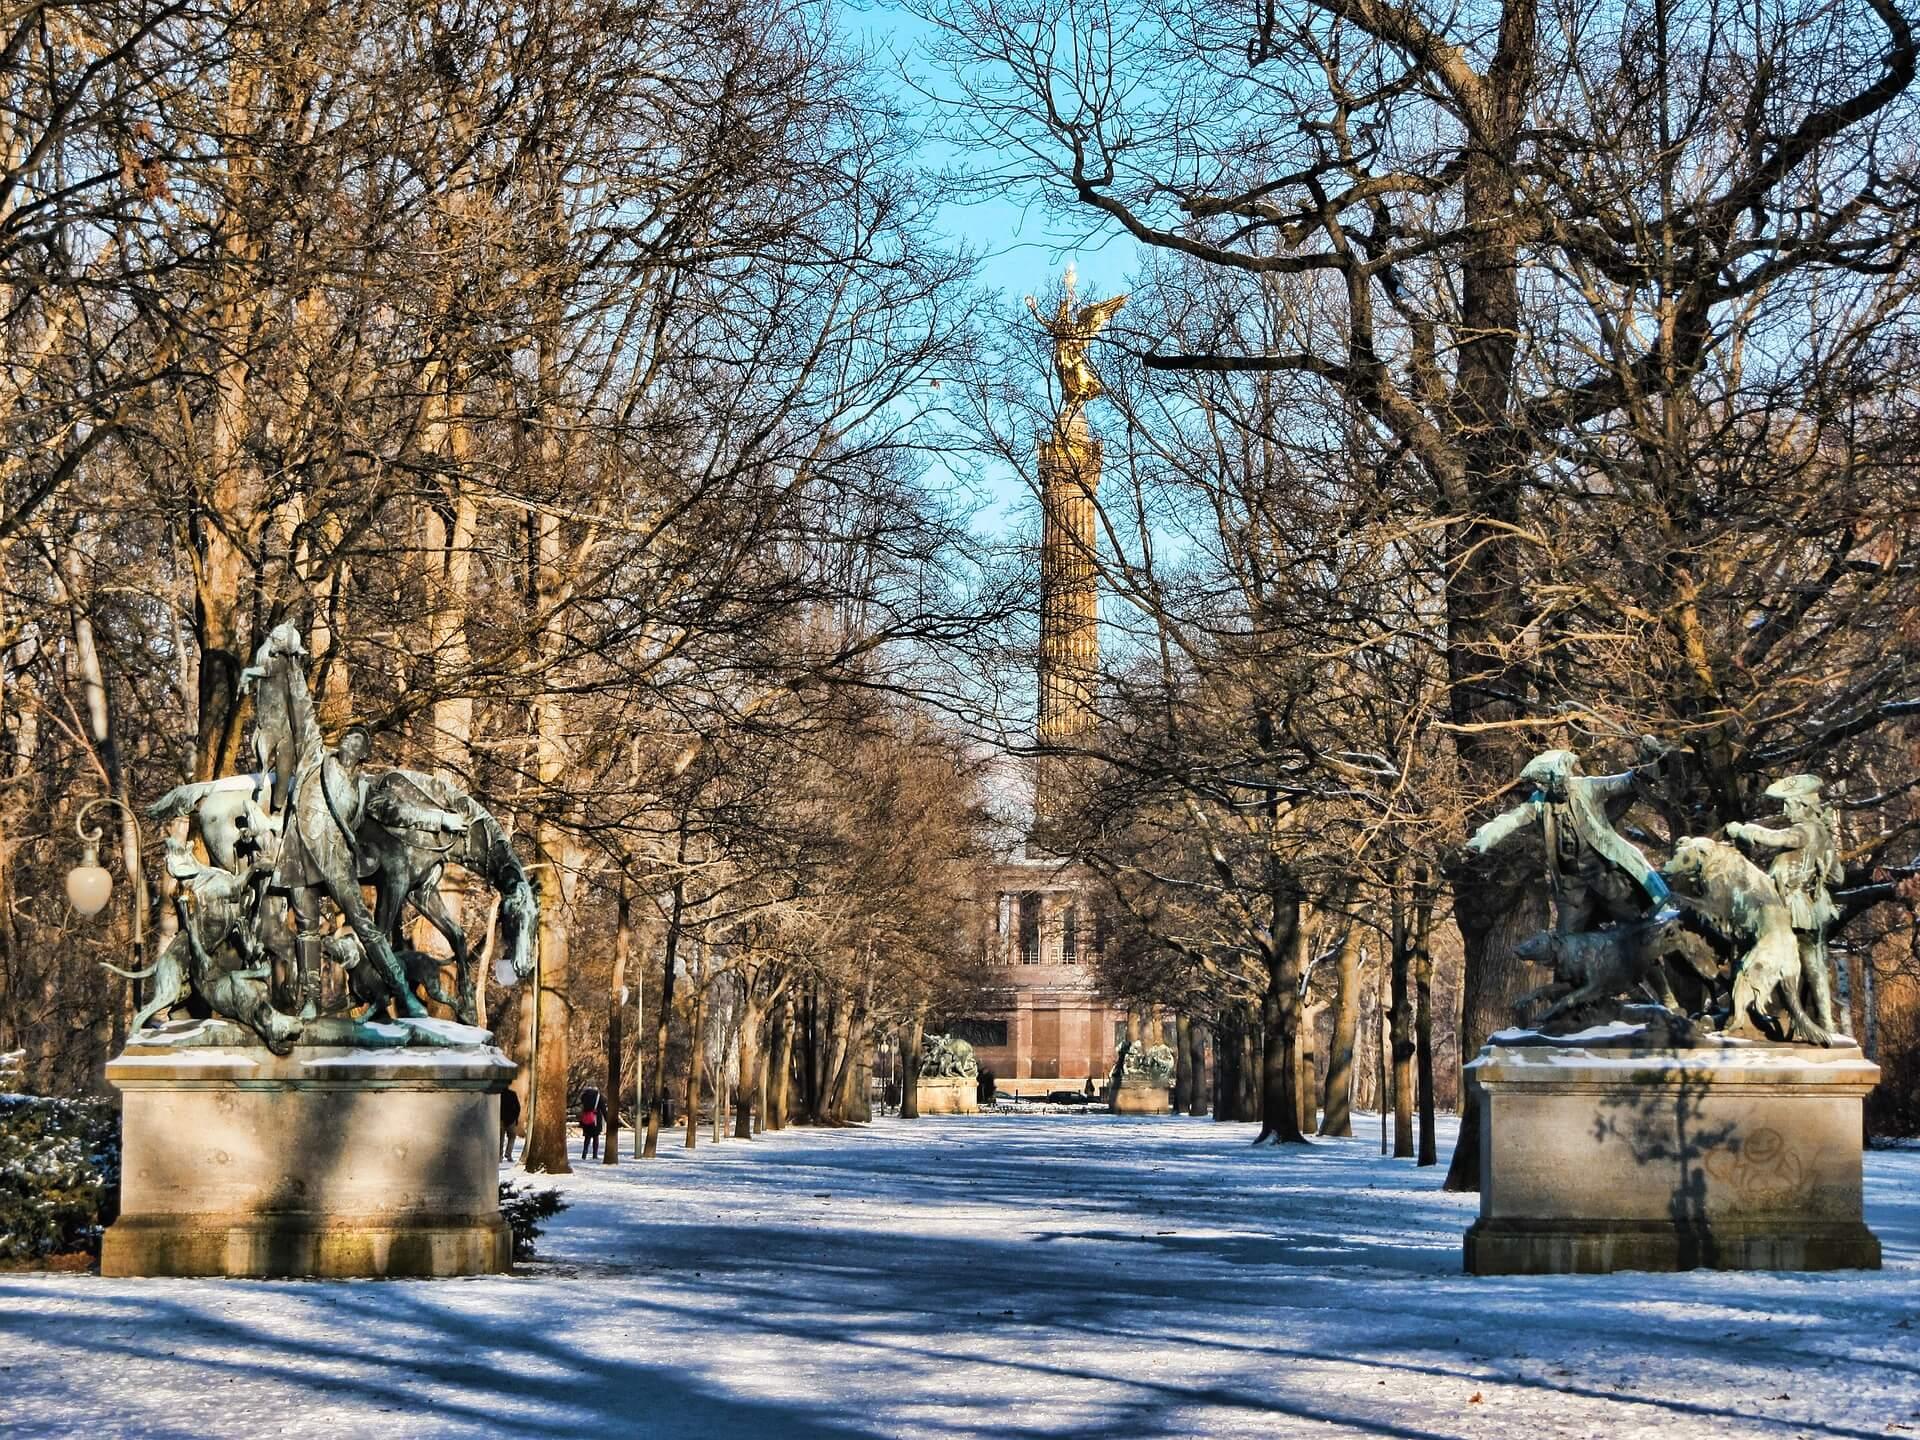 Liebesgedichte - An den Freyherrn von A. aus Cöthen über die Winterlustbarkeiten in Berlin von Anna Louisa Karsch